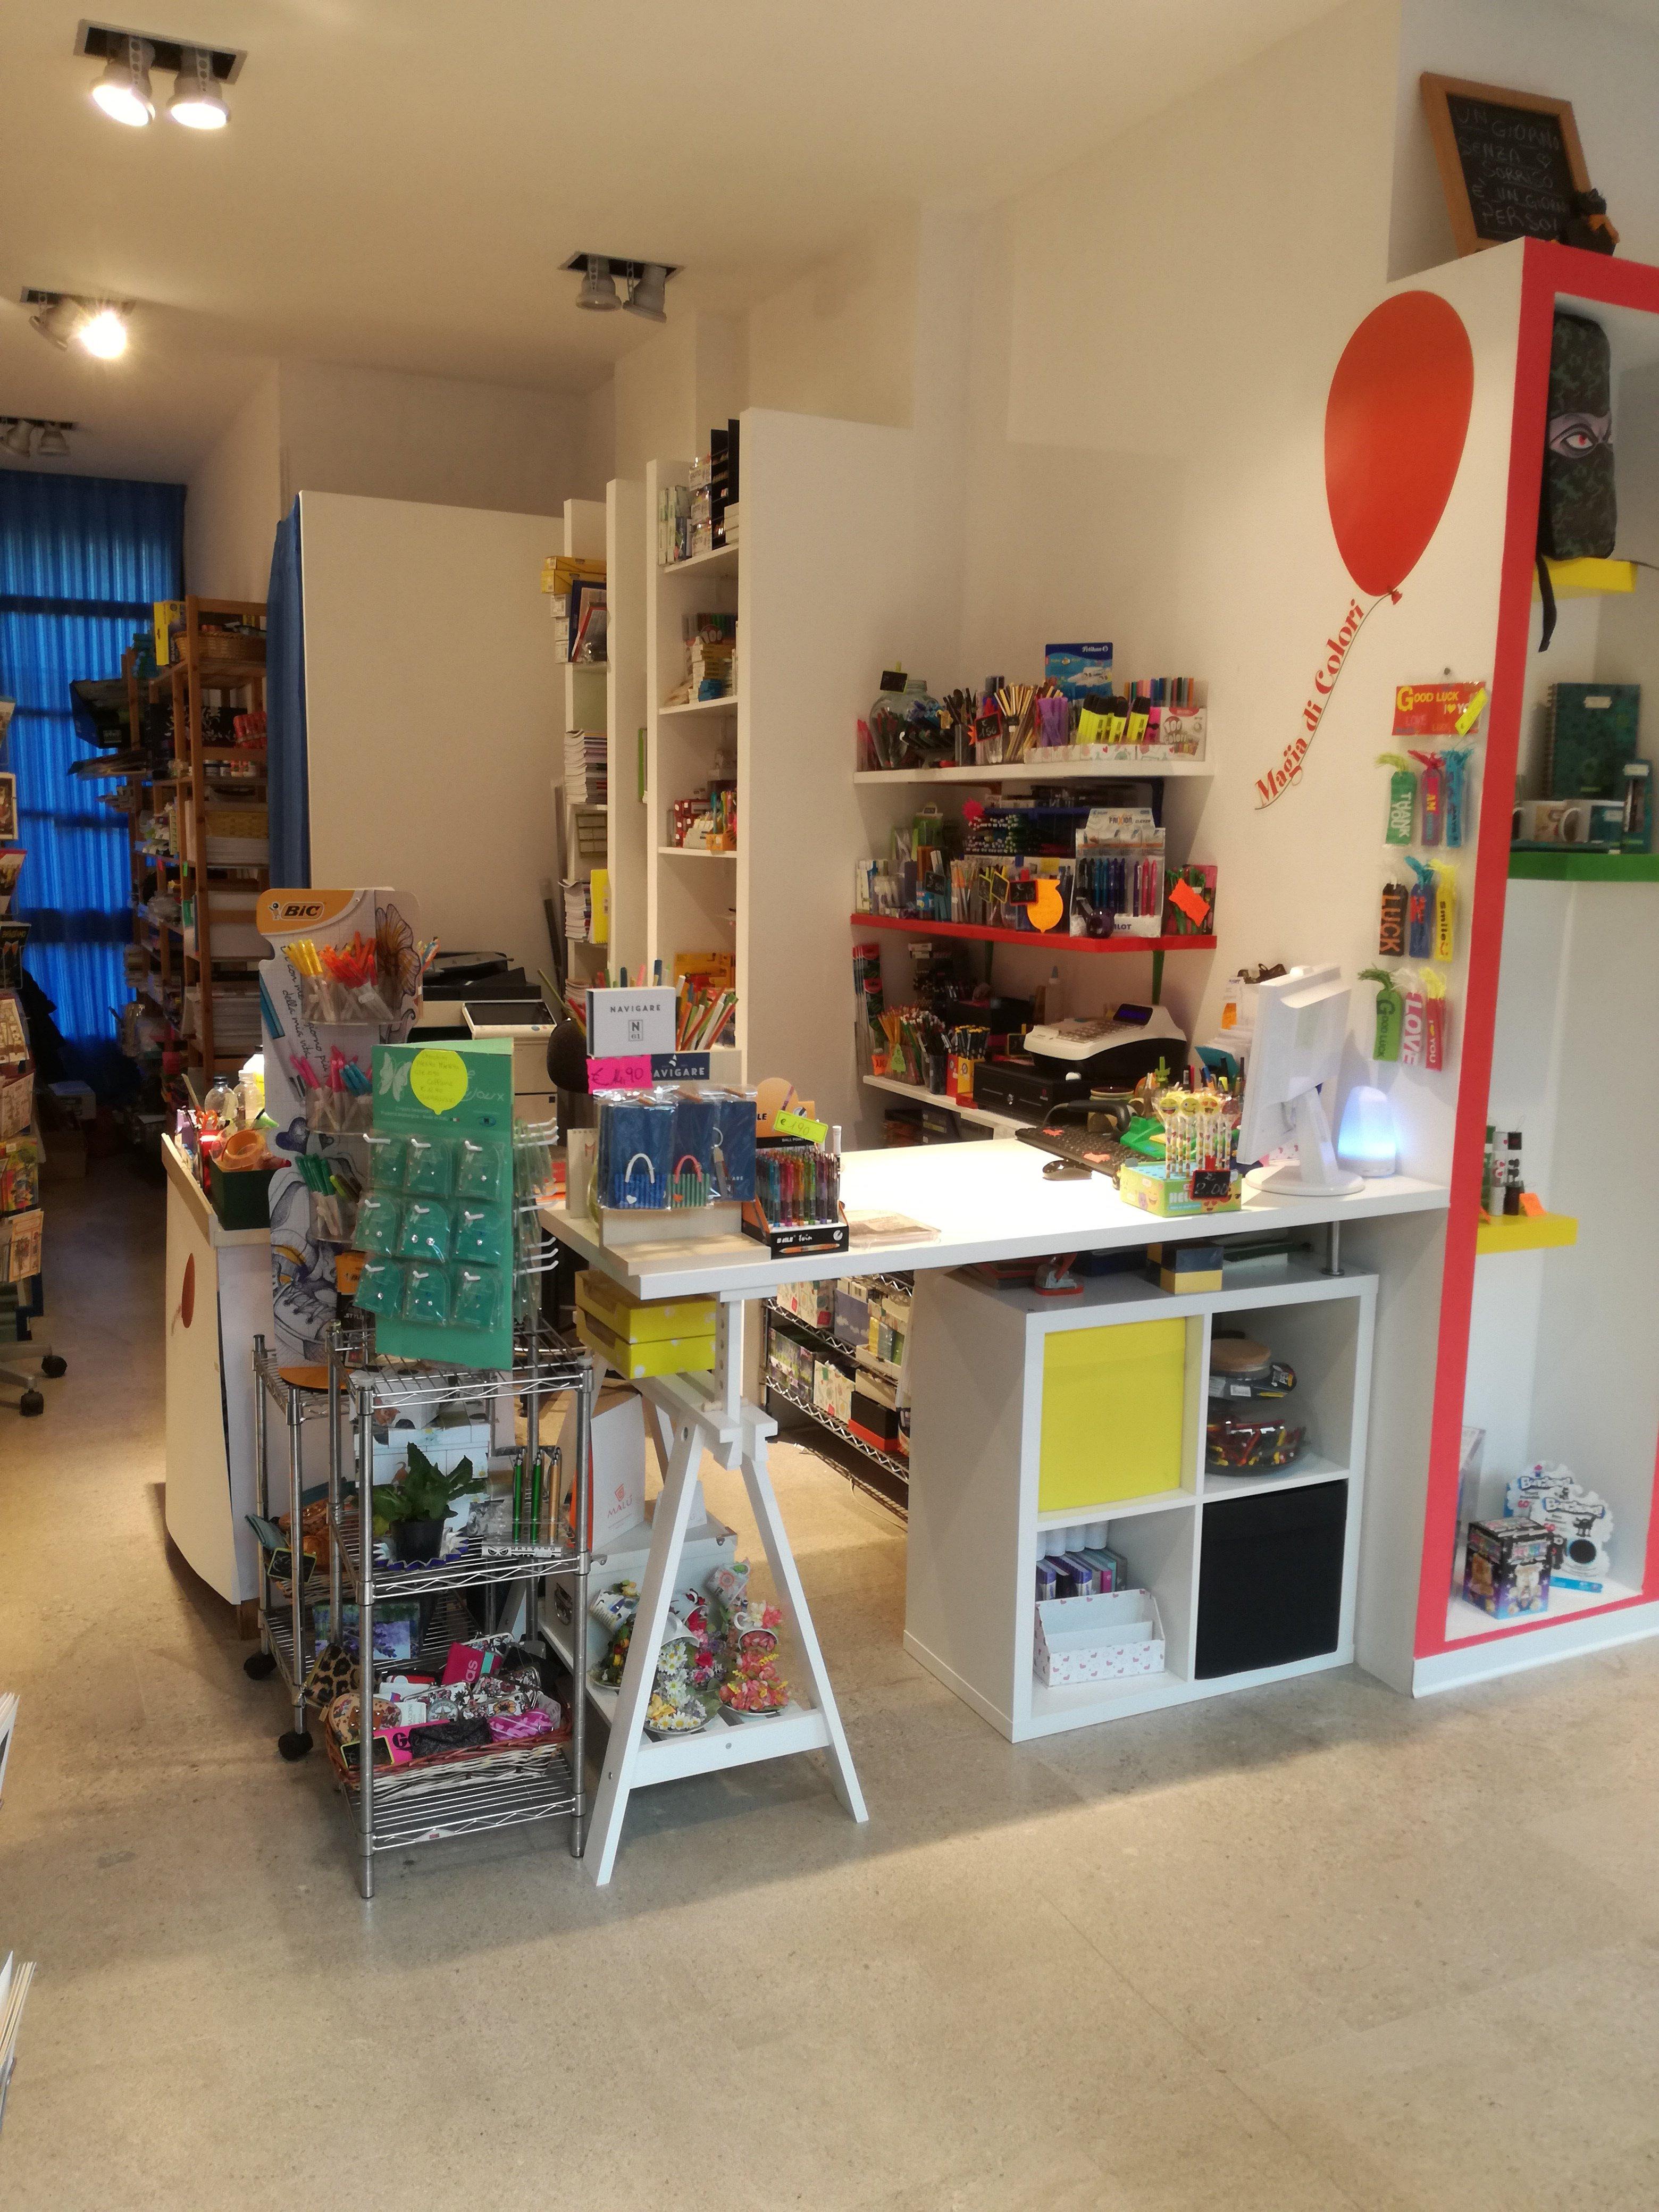 Cancelleria per tutti i gusti, giocattoli, materiale per l'ufficio o per le feste più belle…